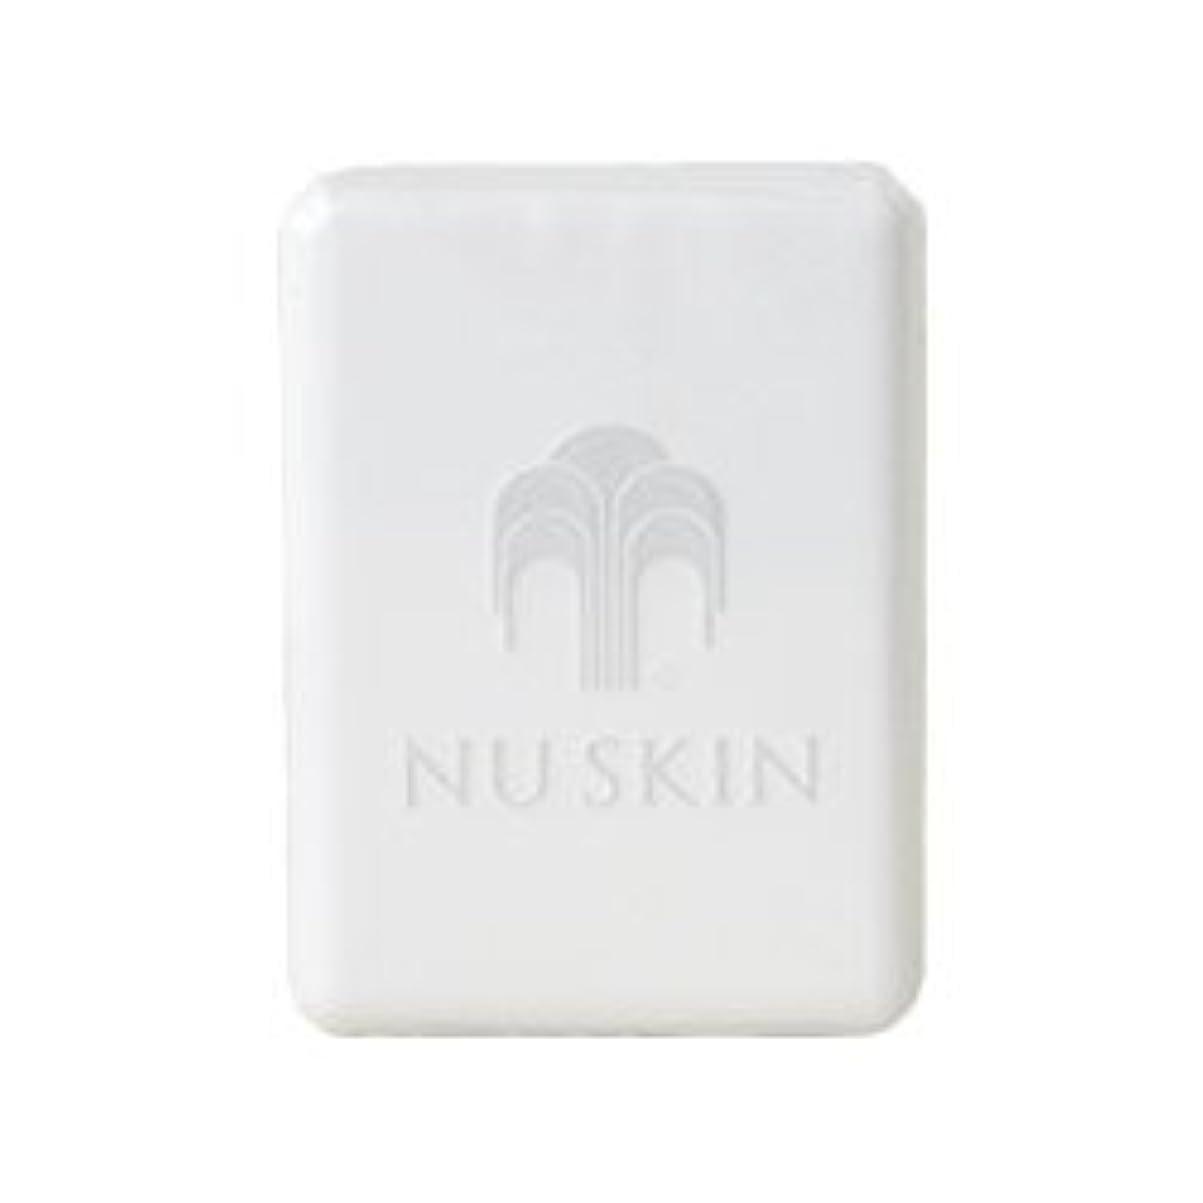 要件到着する行列ニュースキン NU SKIN ボディーバー 03110353